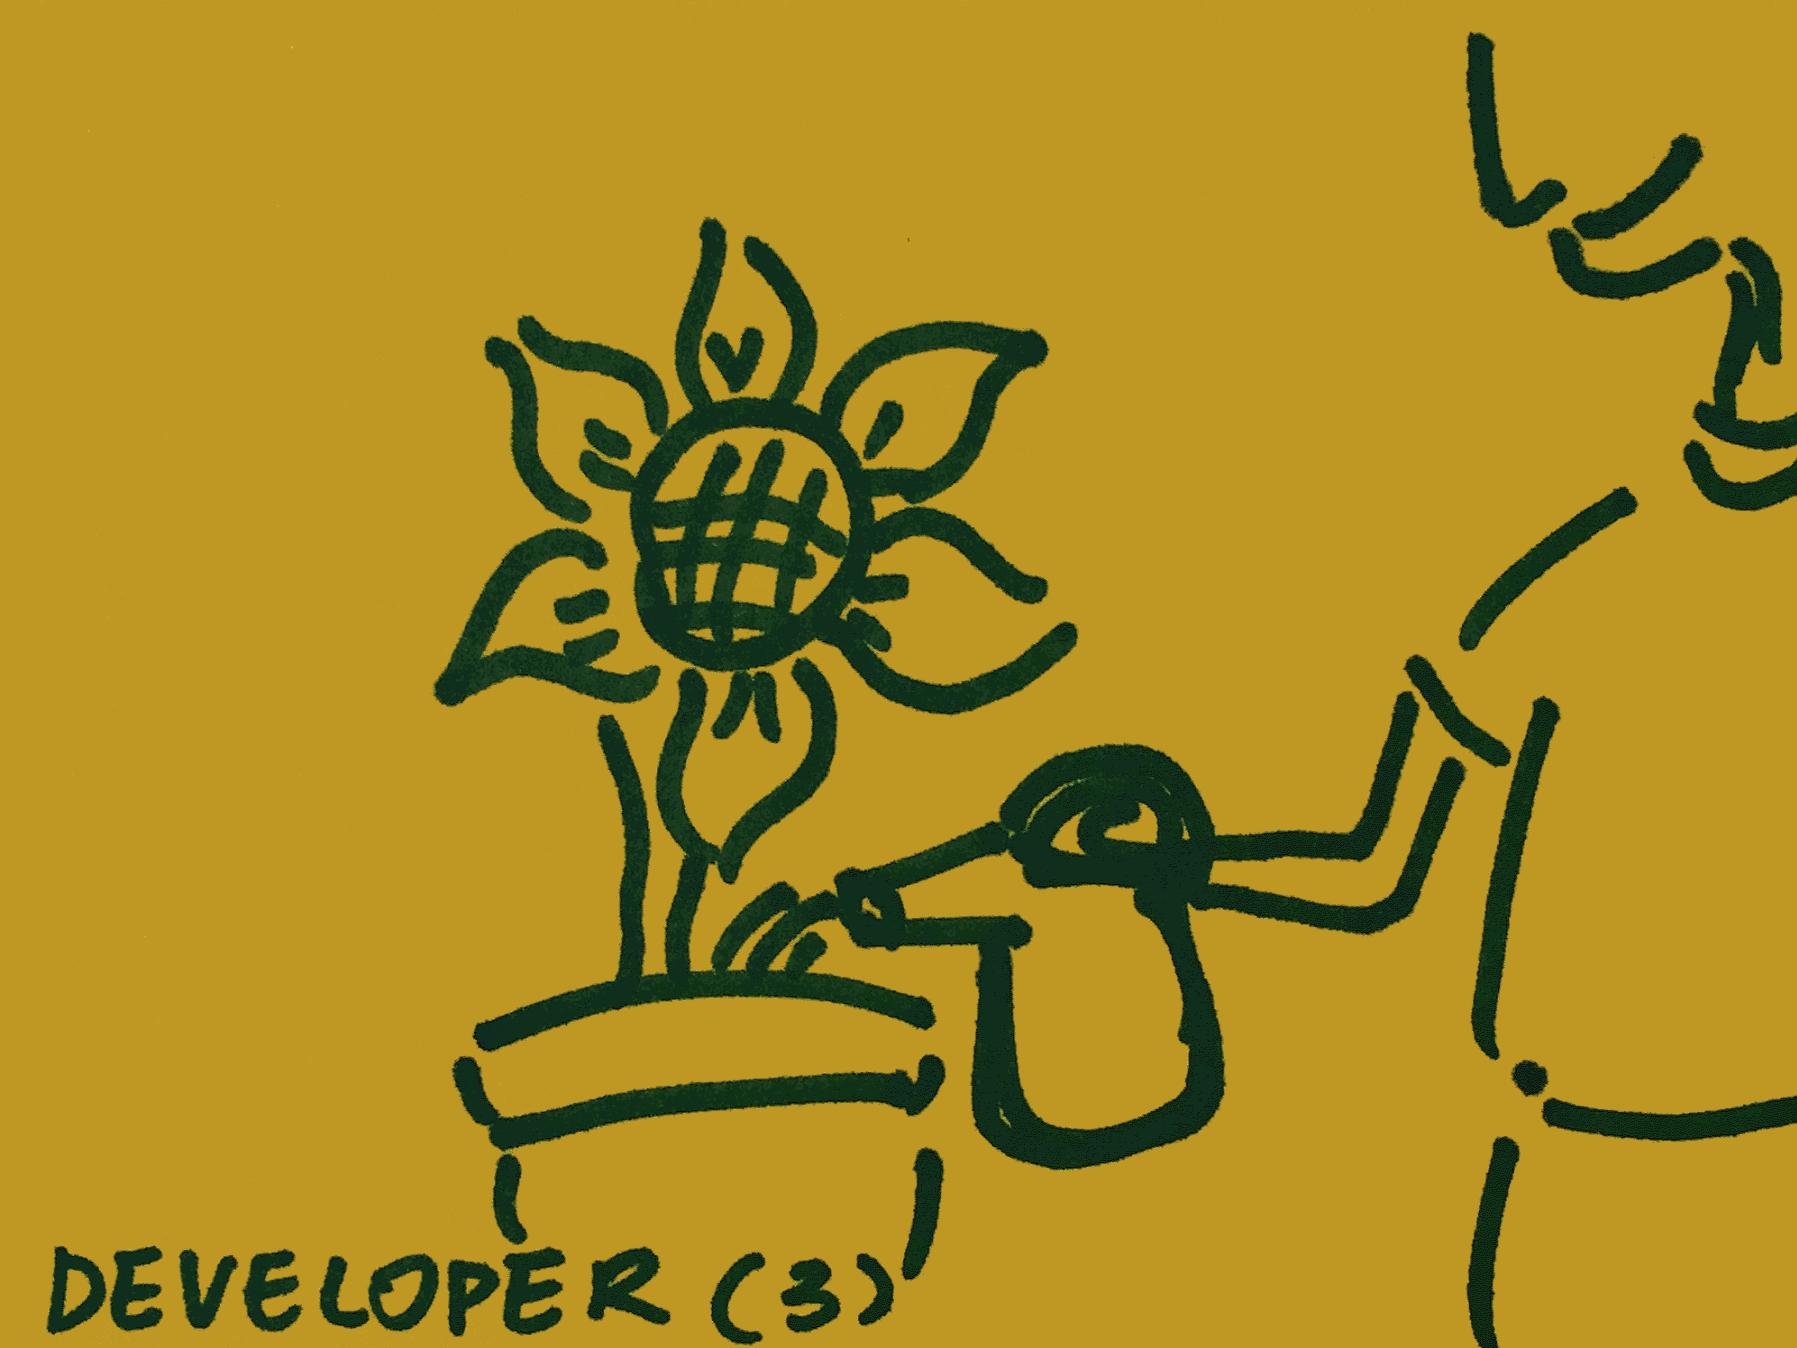 Developer Strengthsfinder Watering Flower